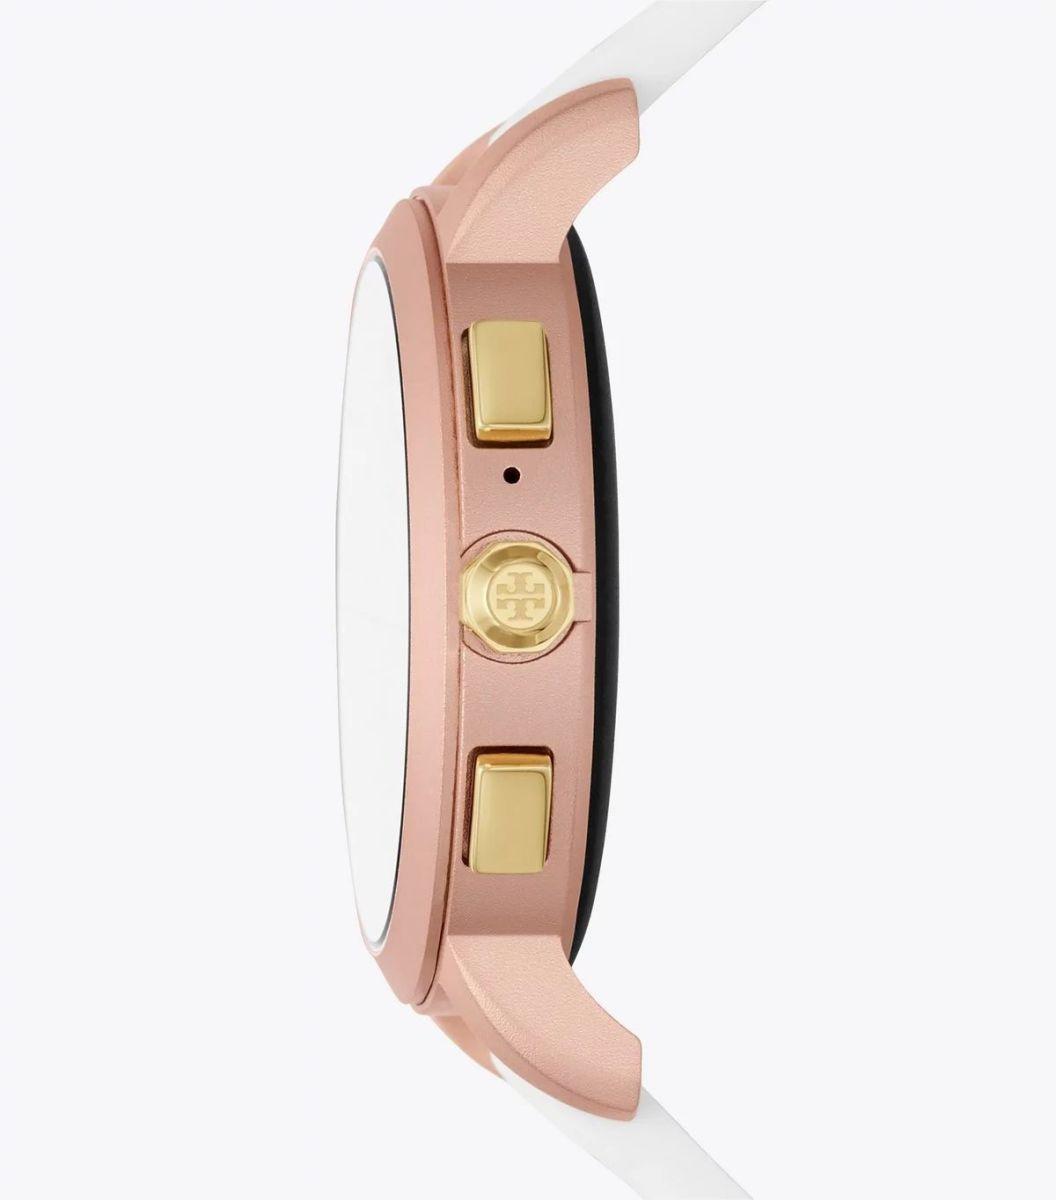 ToryTrack Tory: Jam Tangan Pintar Wear OS Kedua dari Tory Burch 18 harga, spesifikasi, tory burch, troytrack tory